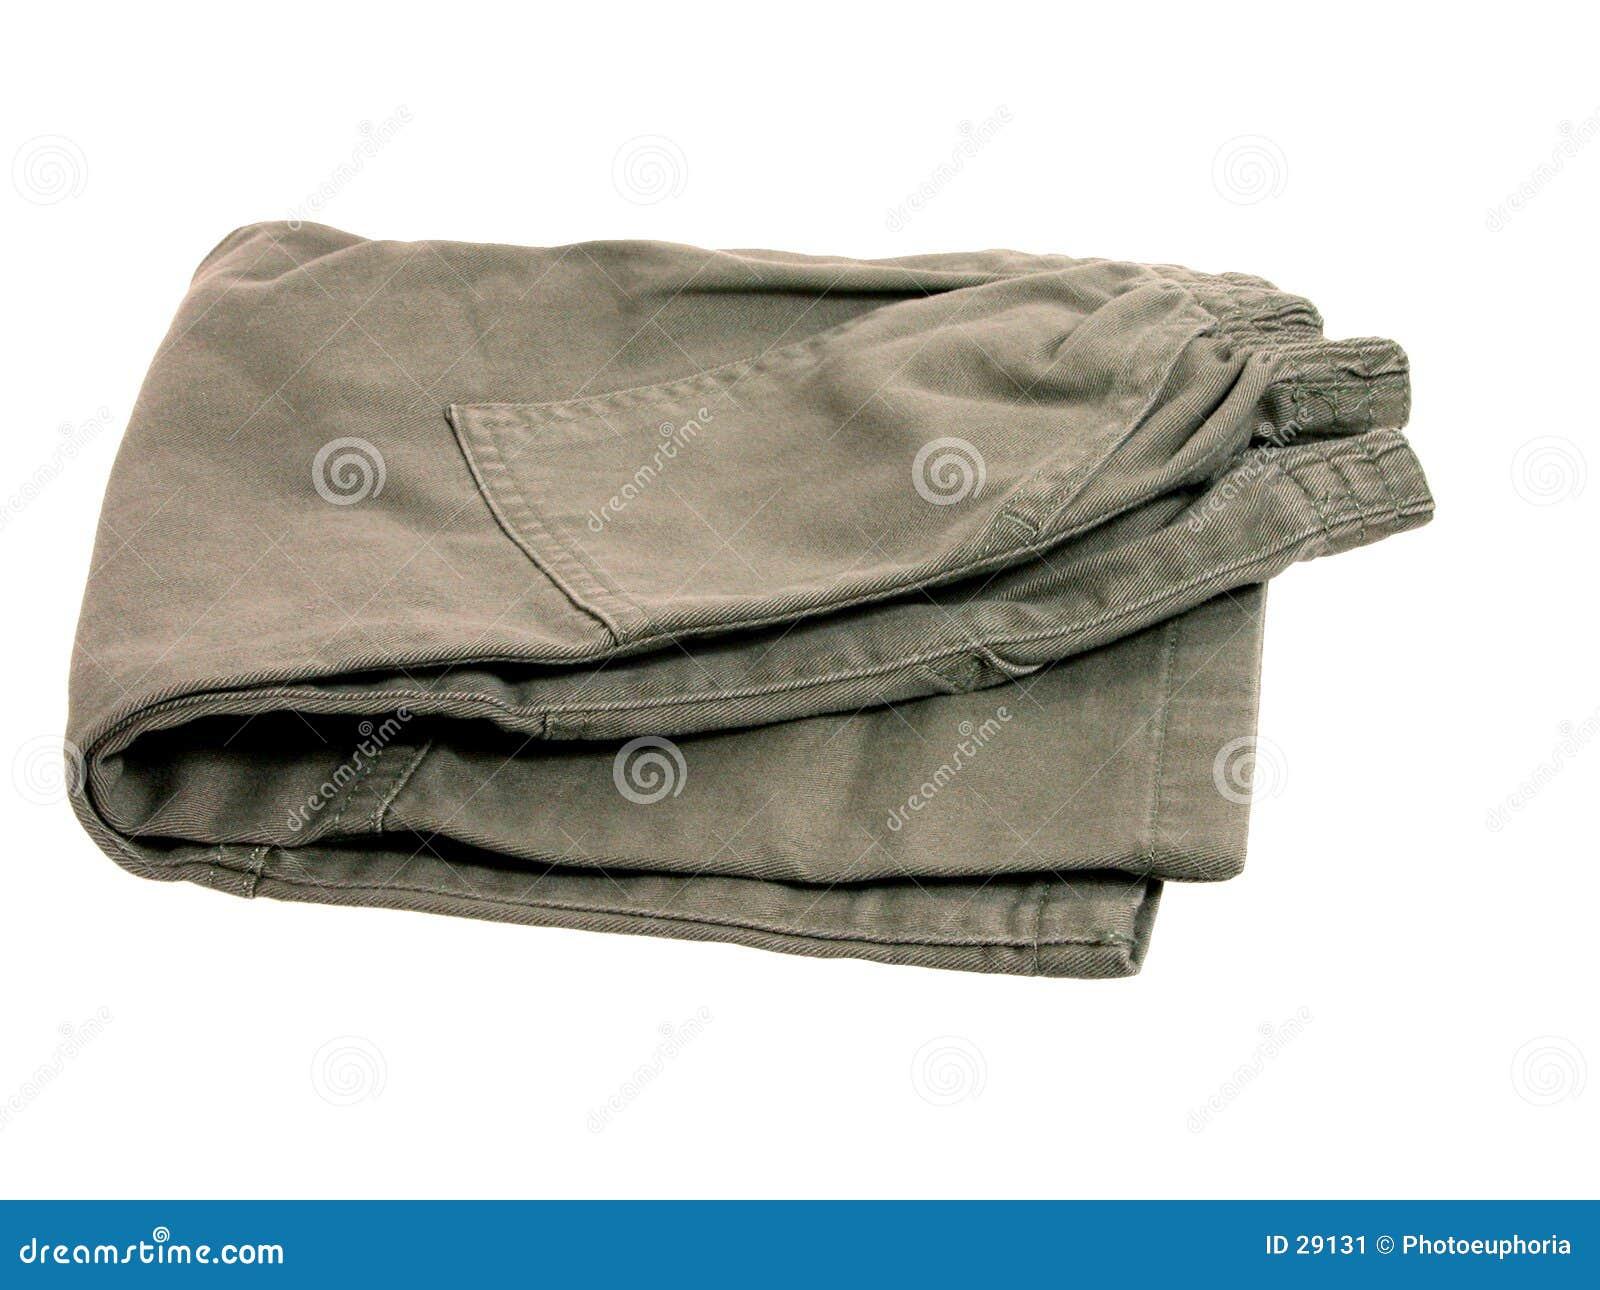 Fashion: Toddler Pants